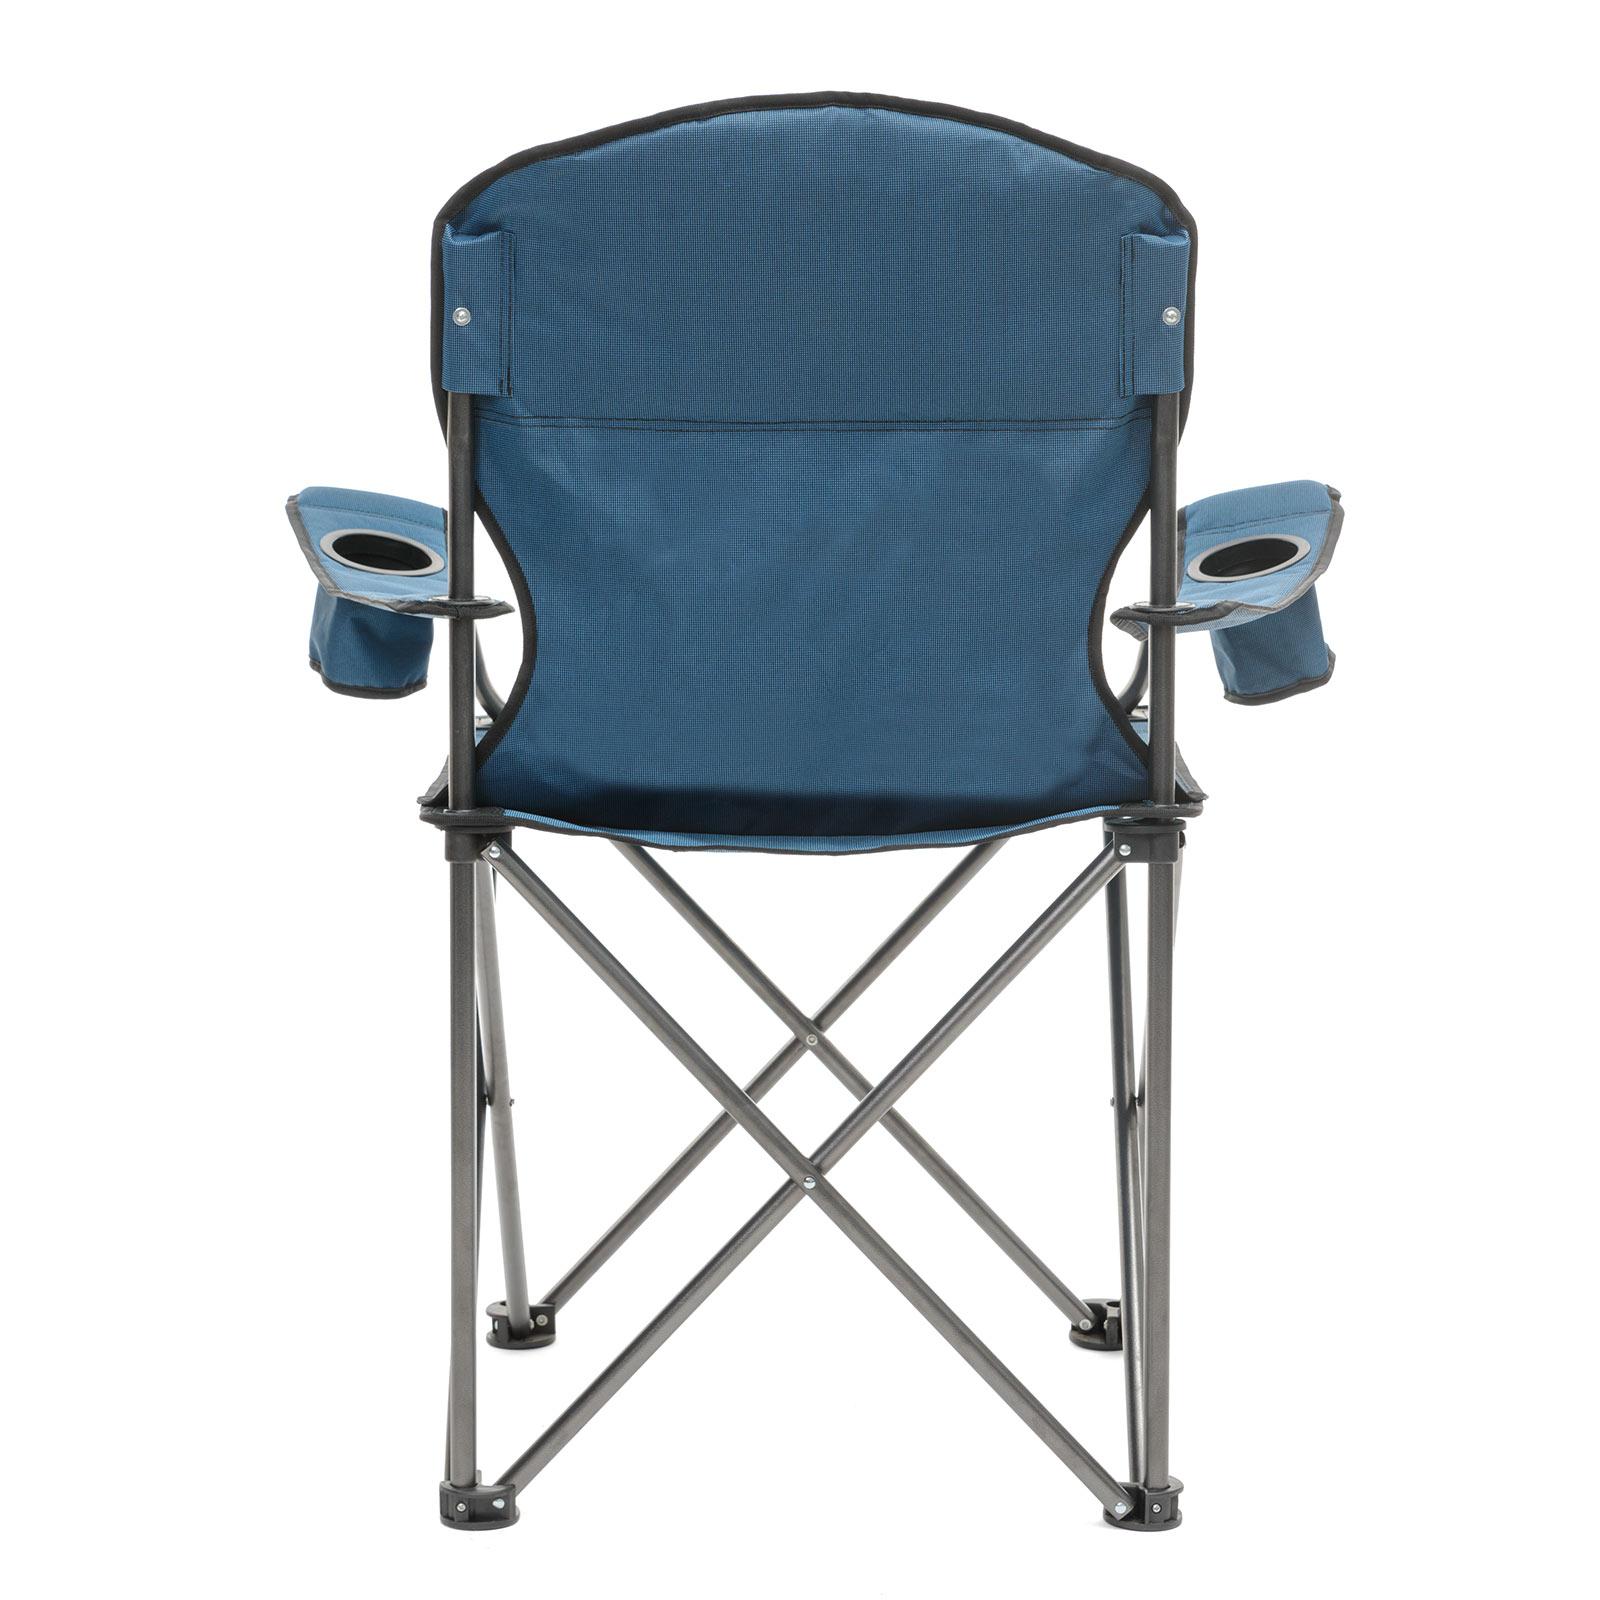 faltstuhl xxl qeedo johnny bis 150kg campingstuhl klappstuhl falt stuhl outdoor 4250842539961 ebay. Black Bedroom Furniture Sets. Home Design Ideas